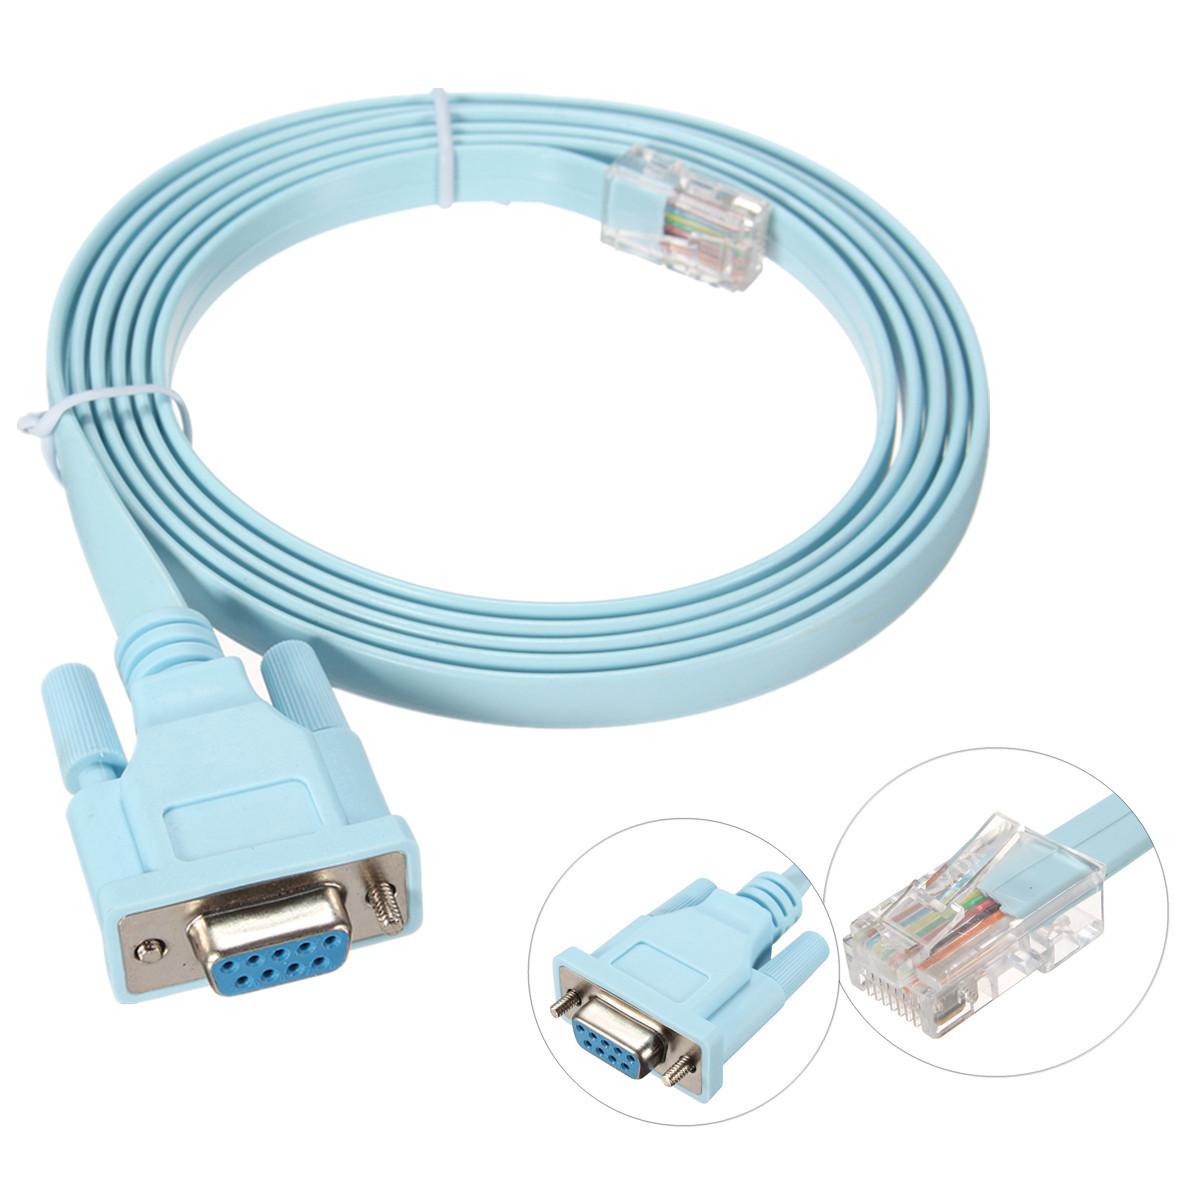 Консольный кабель Cisco RJ45/DB9F RS232 1.5 метра